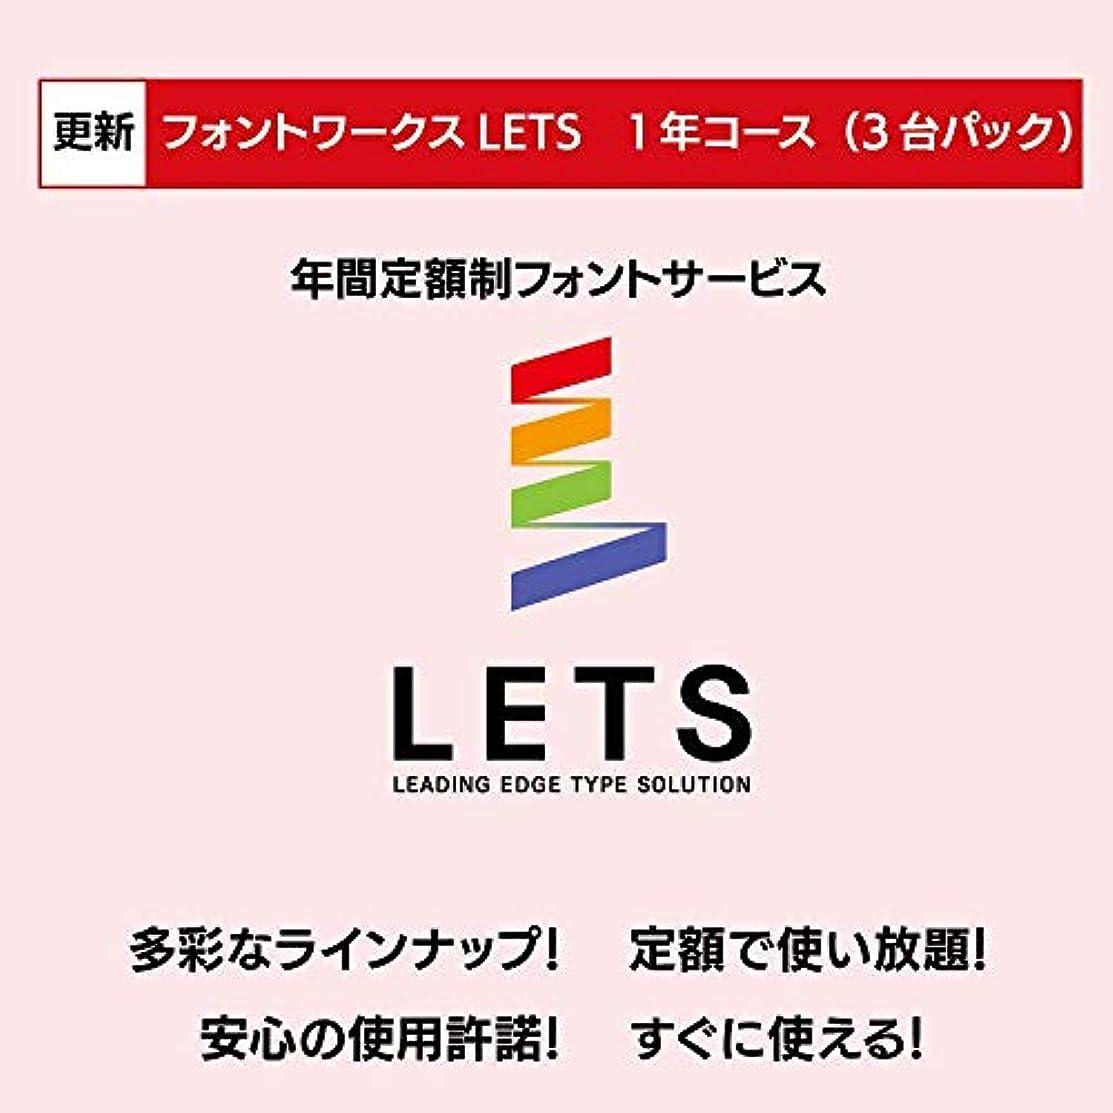 【更新専用】フォントワークスLETS 1年コース (3台パック) オンラインコード版